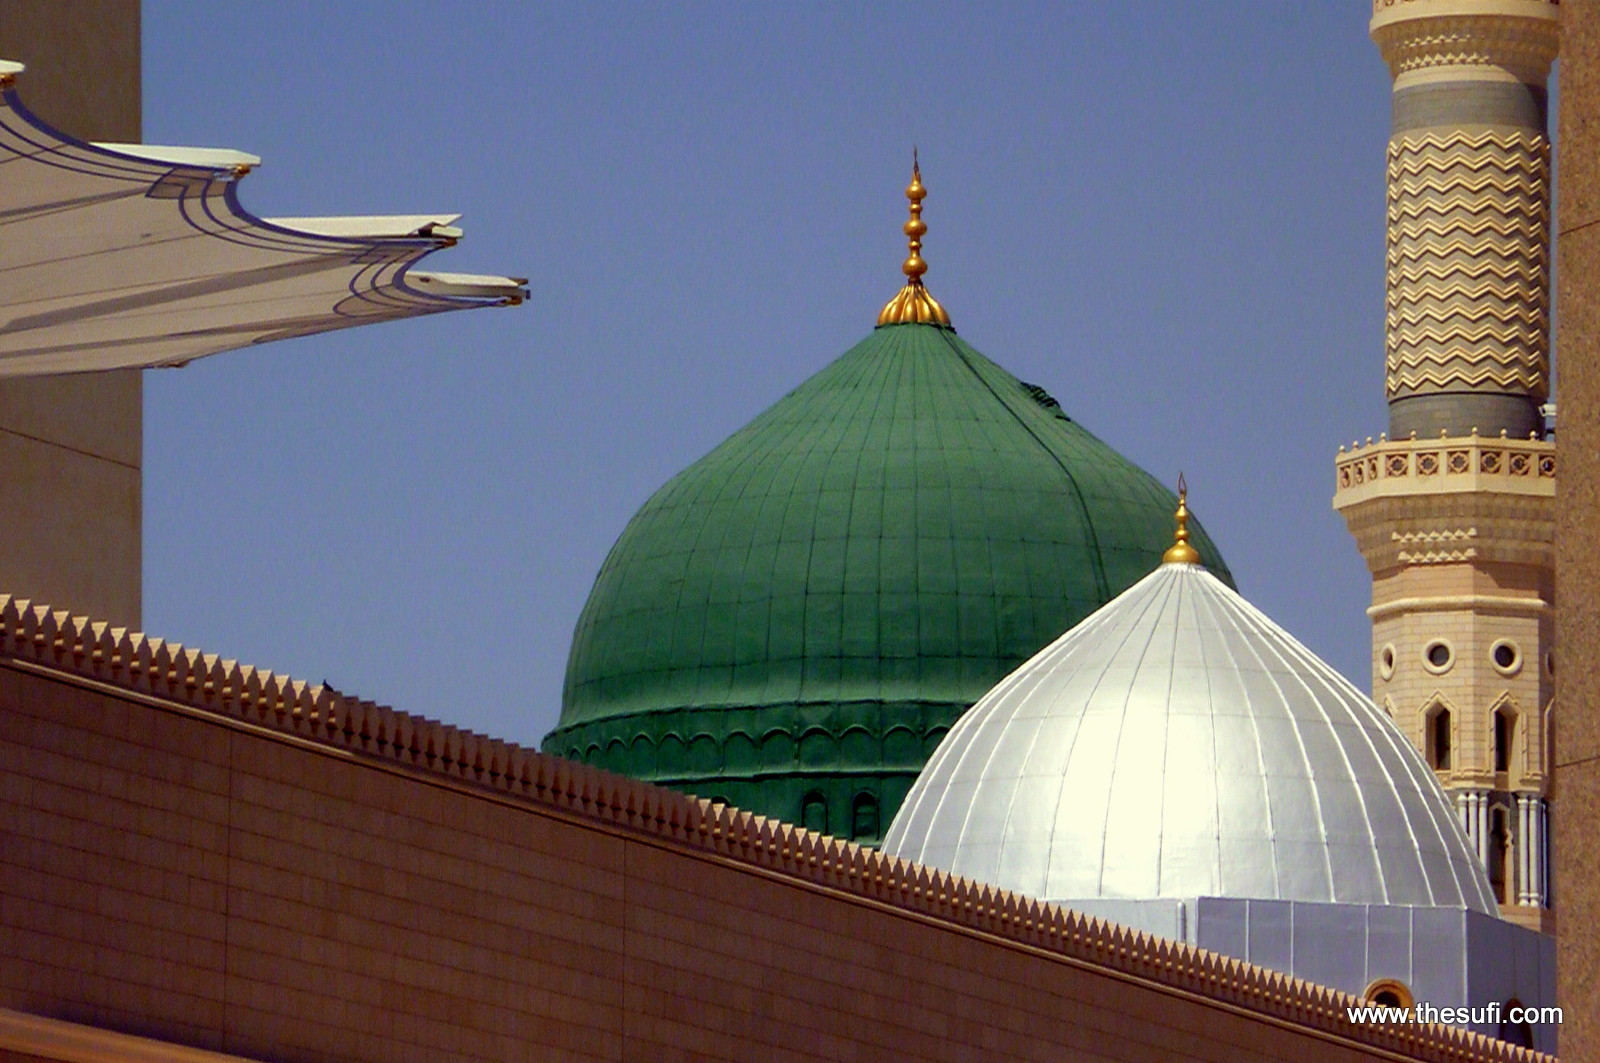 Madina Munawara Masjid Nabawi Wallpaper Green Dome of Masjid-e-nabwi